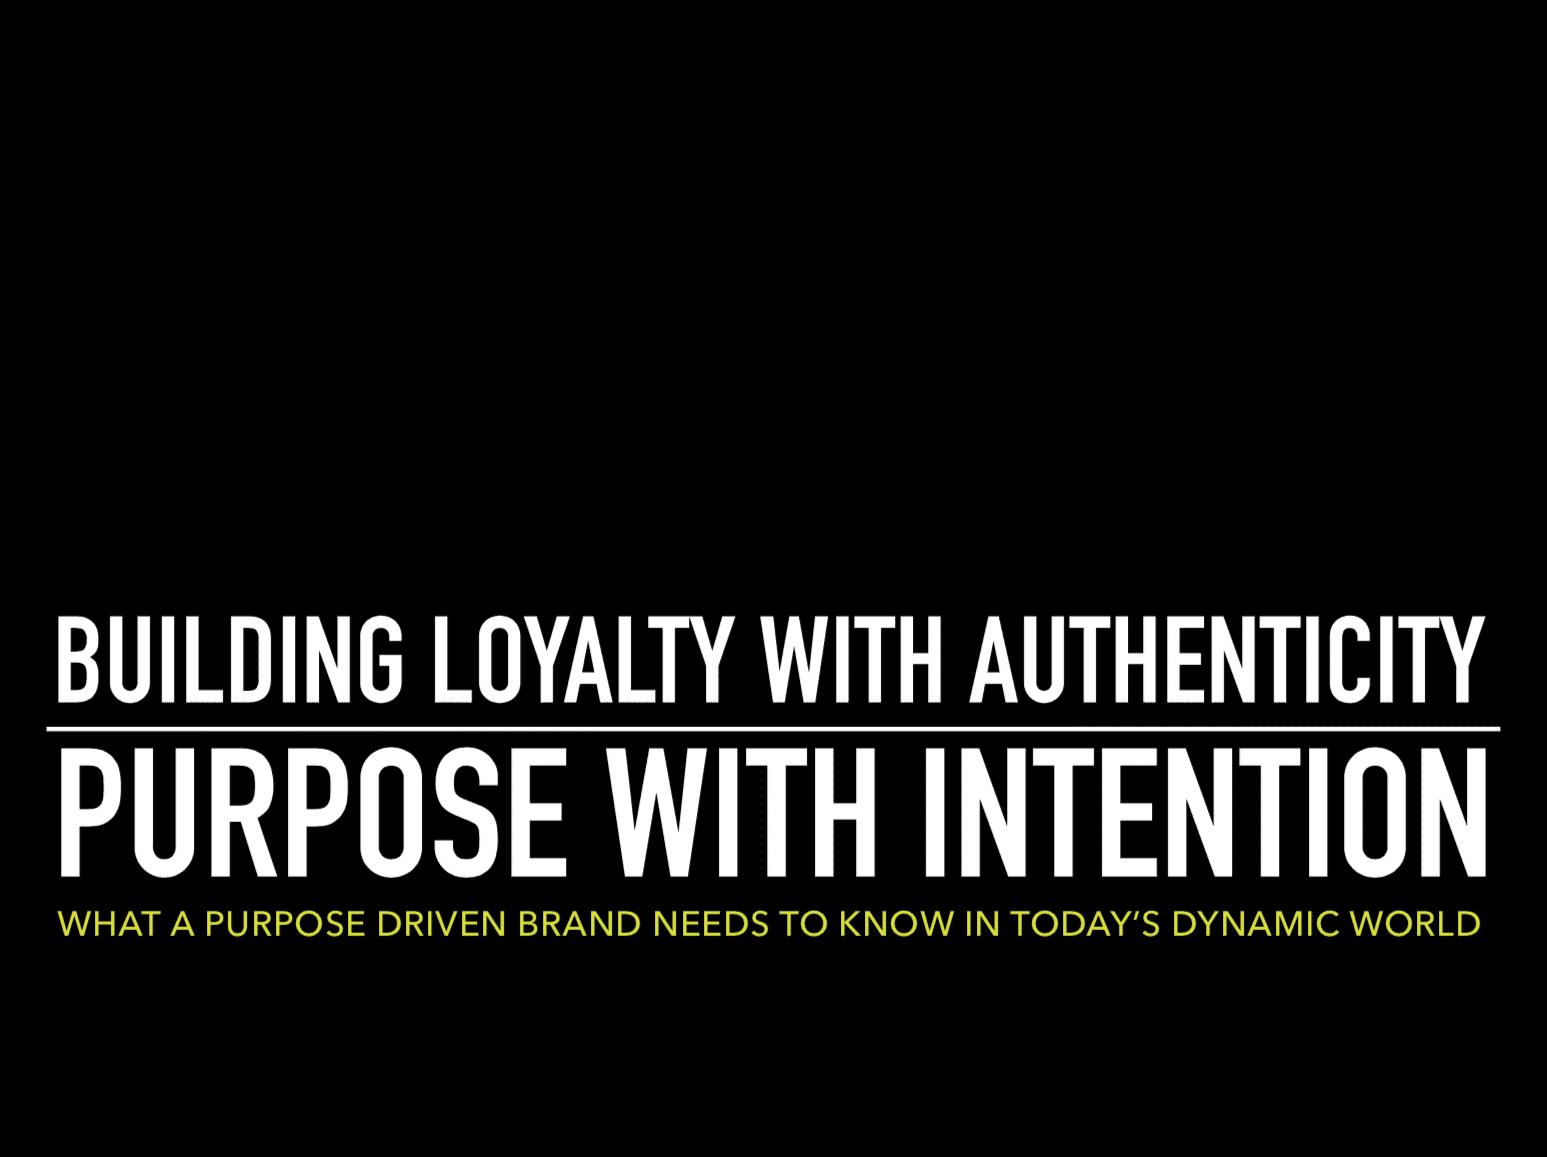 building a purpose driven brand